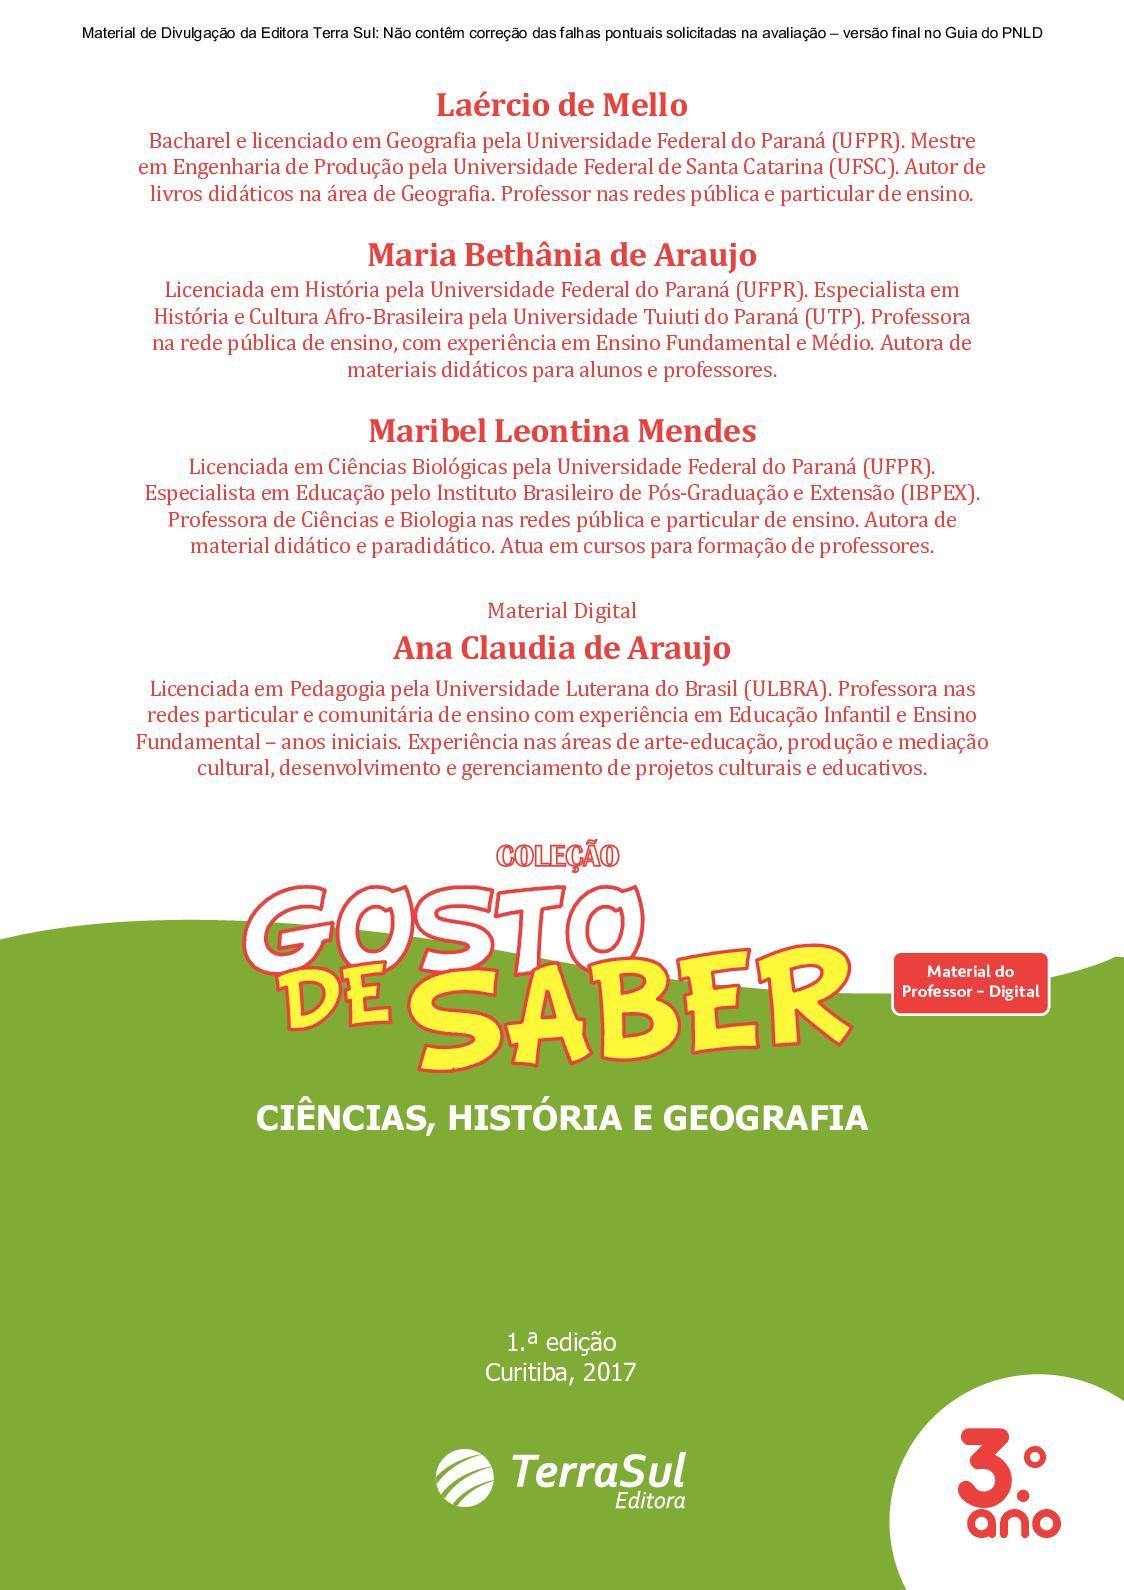 95910d831ab22 Calaméo - Material Digital  Gosto de Saber - Interdisciplinar Ciências,  História e Geografia 3º ano